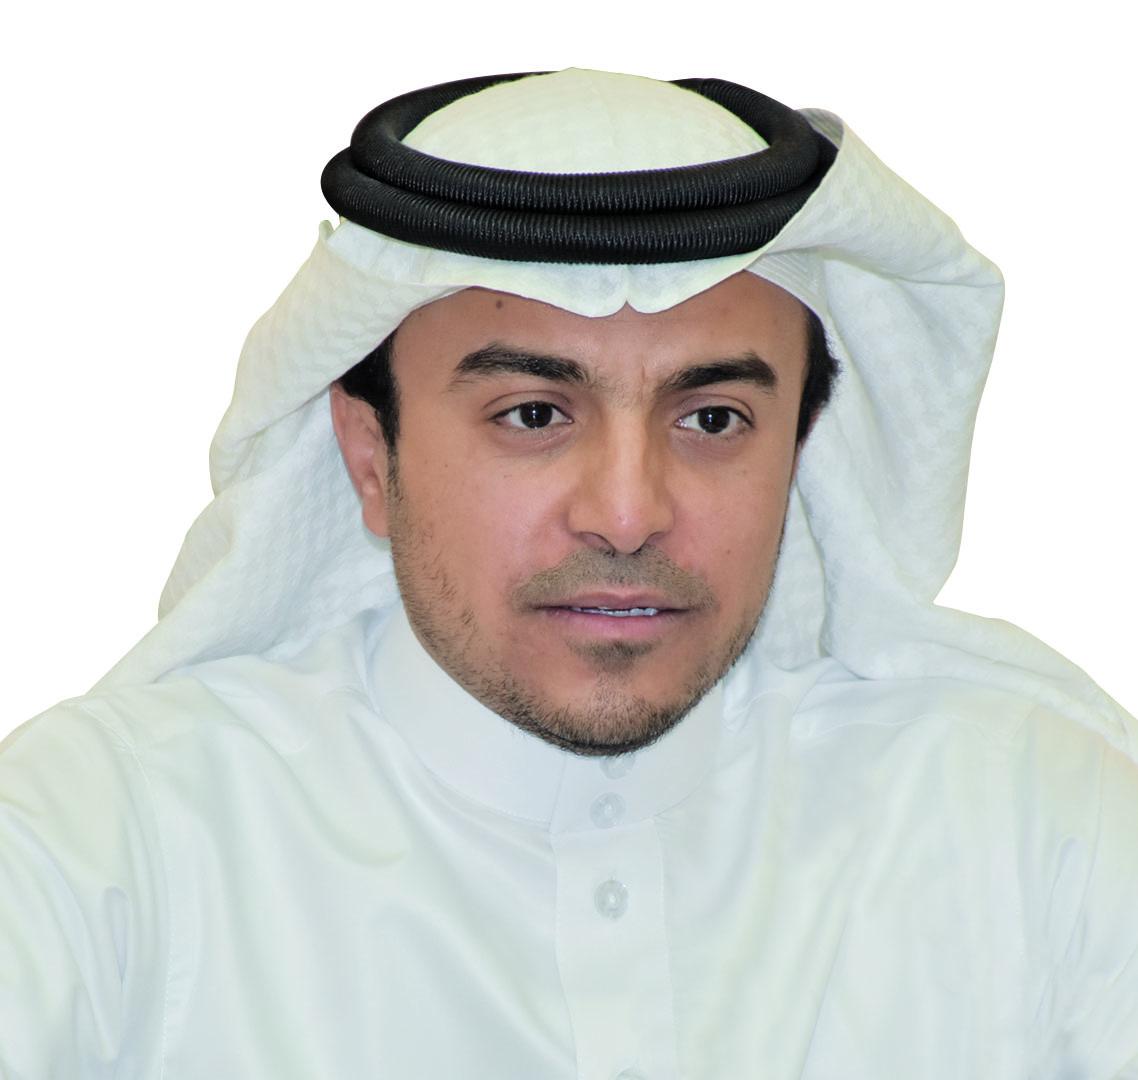 الدكتور إبراهيم ال الشيخ مبارك أمين عام الغرفة